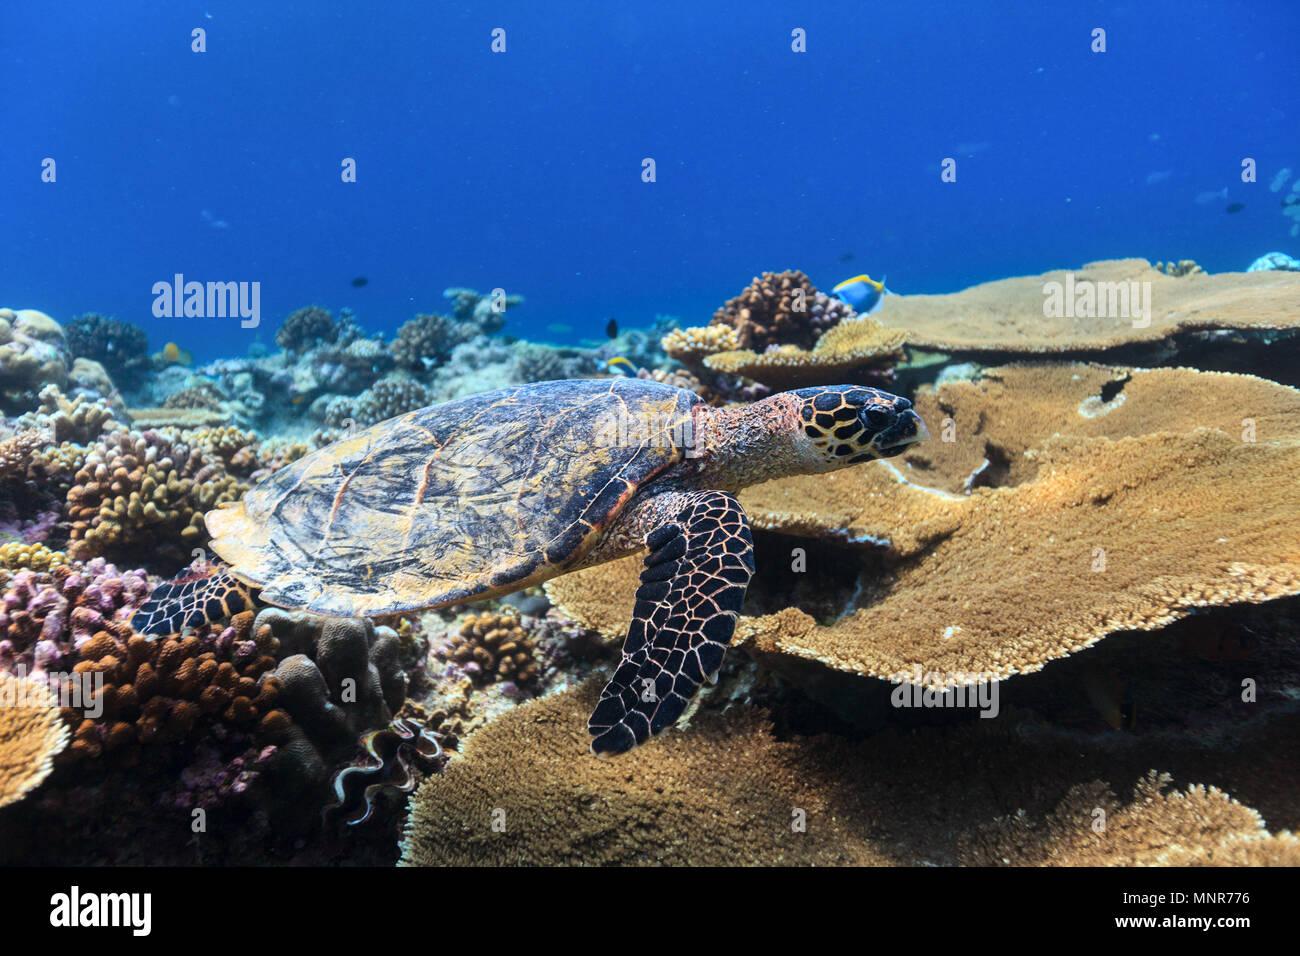 La tortuga carey bucear entre los arrecifes de coral Imagen De Stock